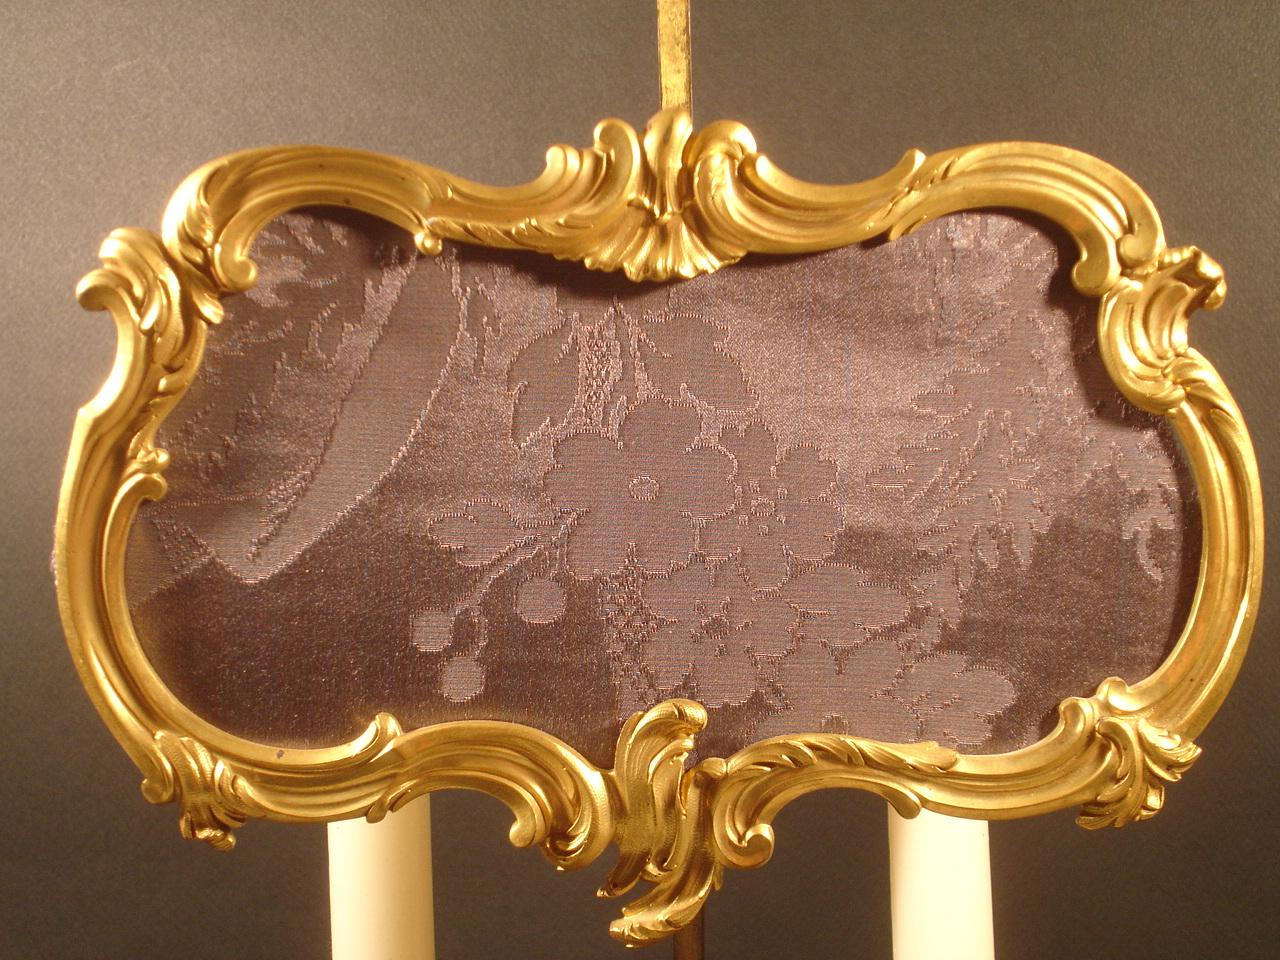 Lampe à poser à deux branches d'inspiration XVIIIe (détail). XIXe siècle. Catalogue Olivier Berni Intérieurs